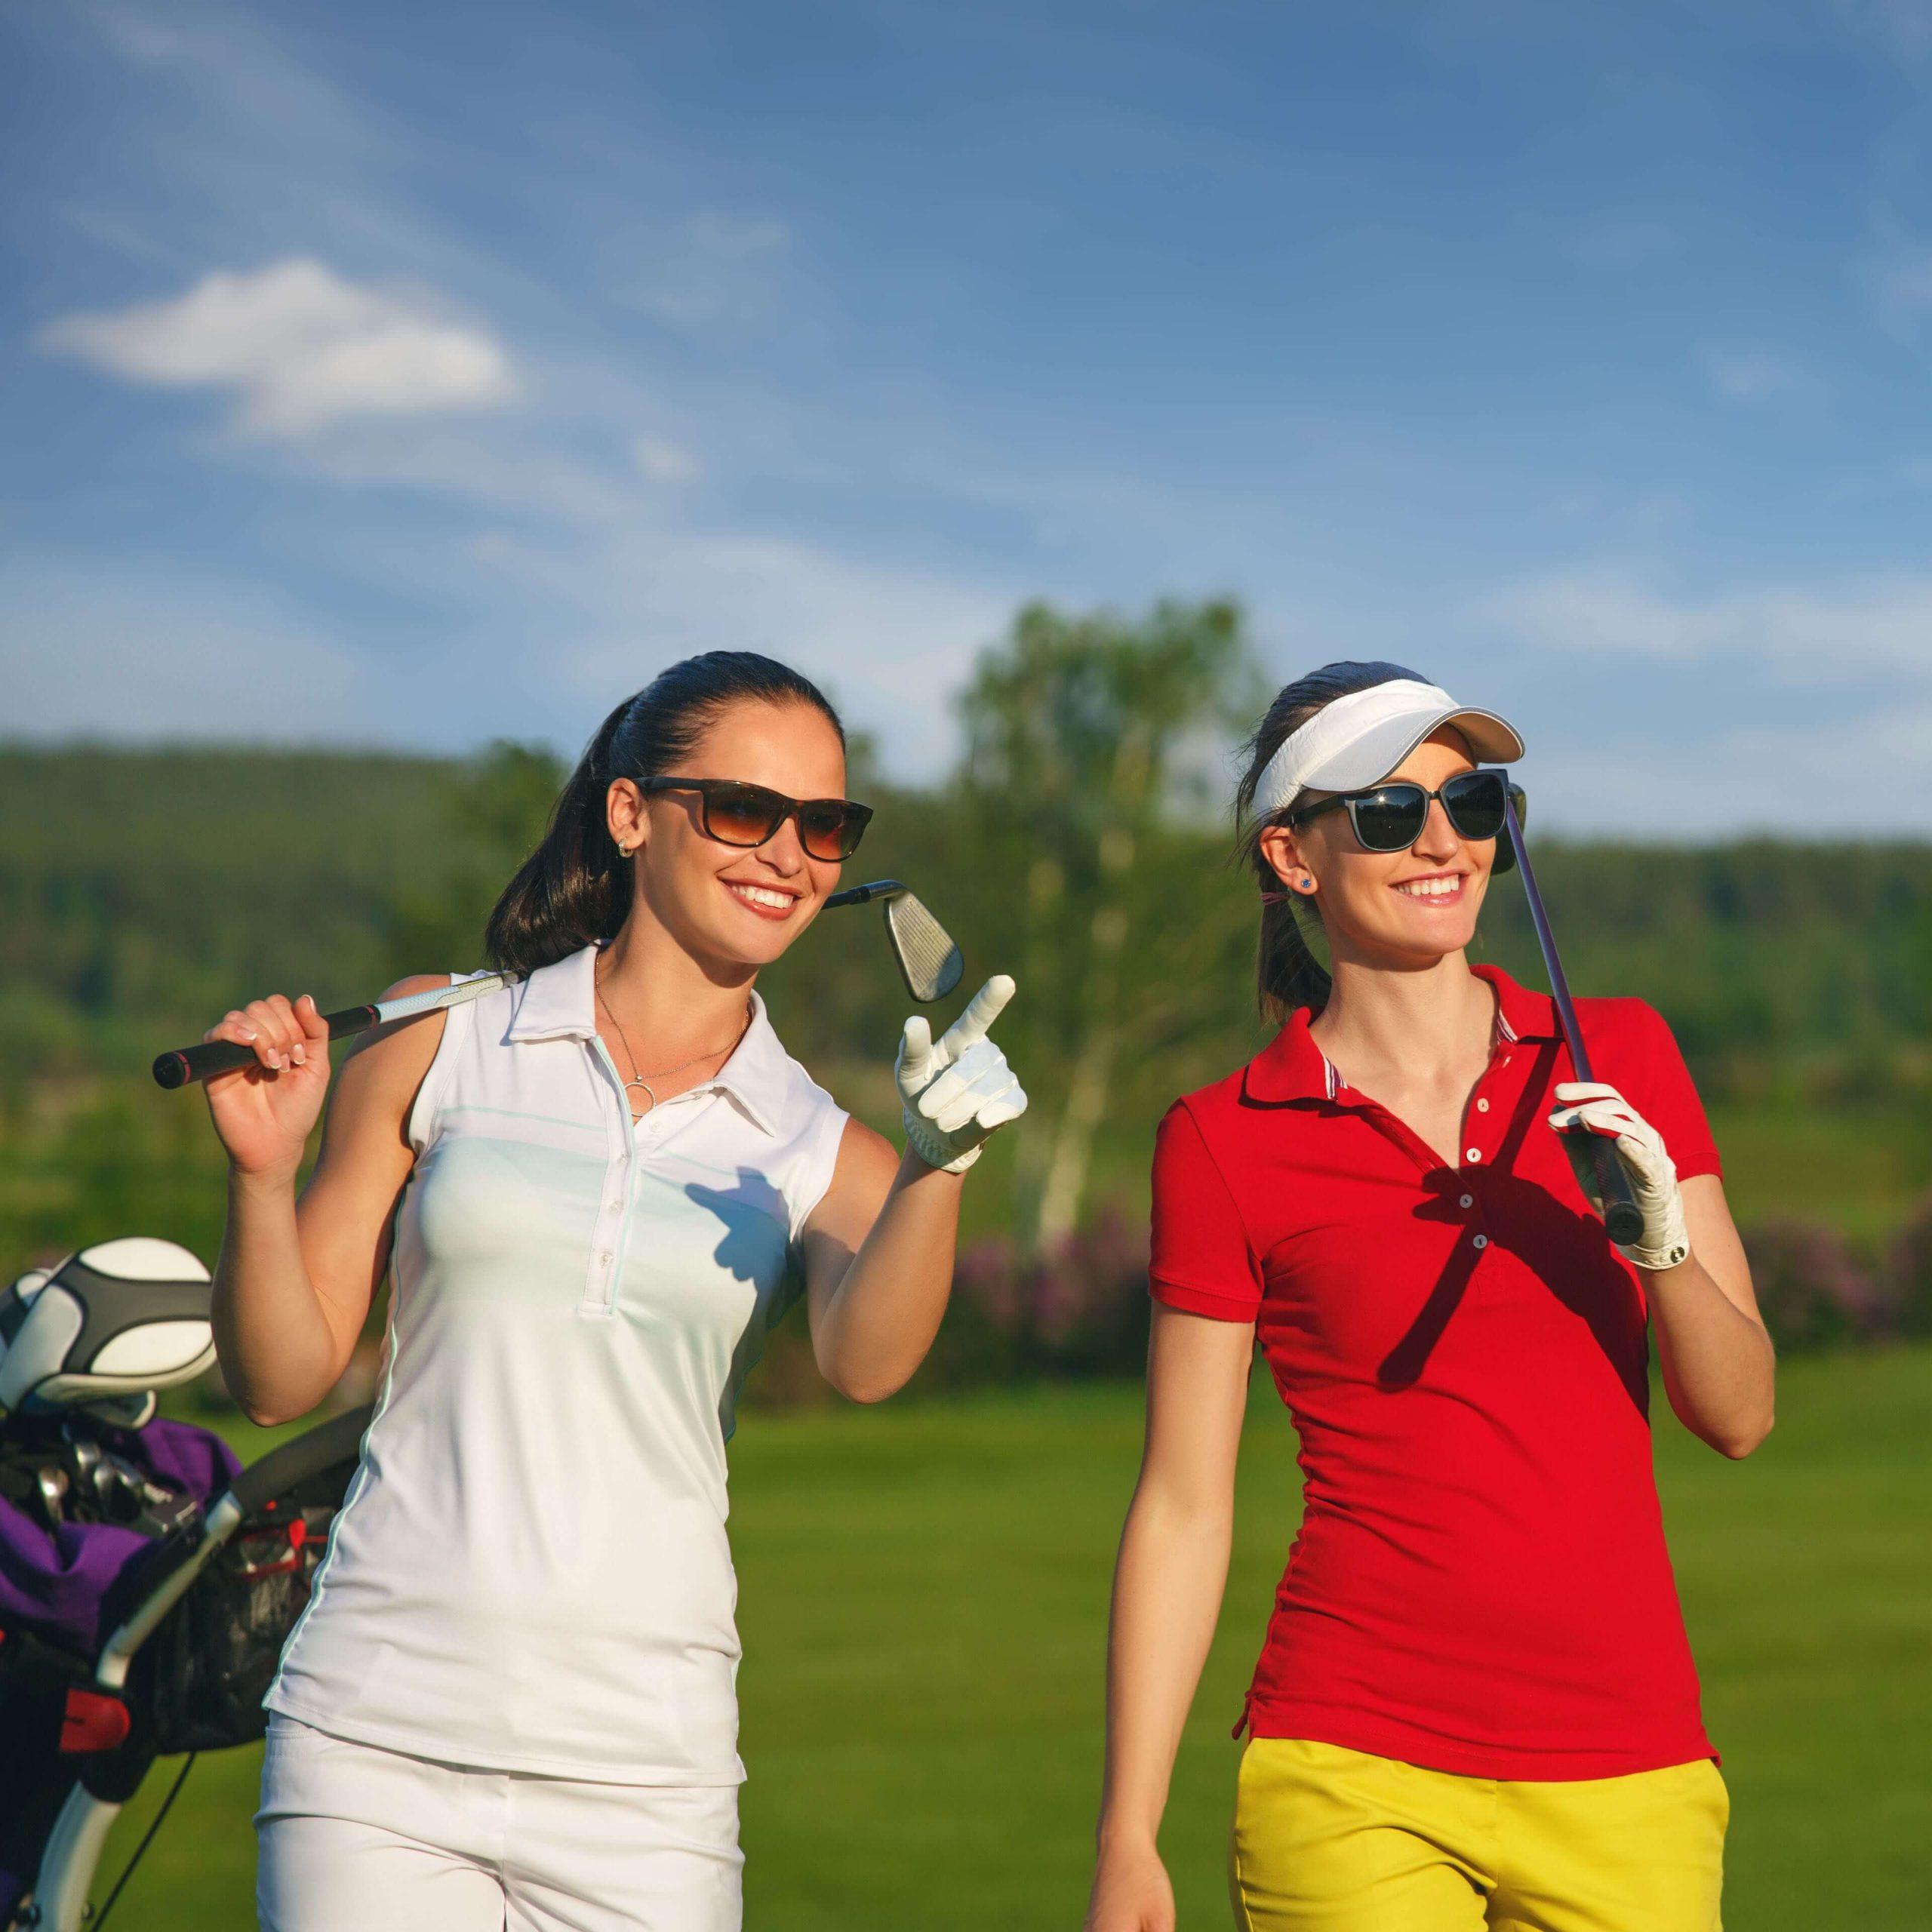 Golfspielerinnen